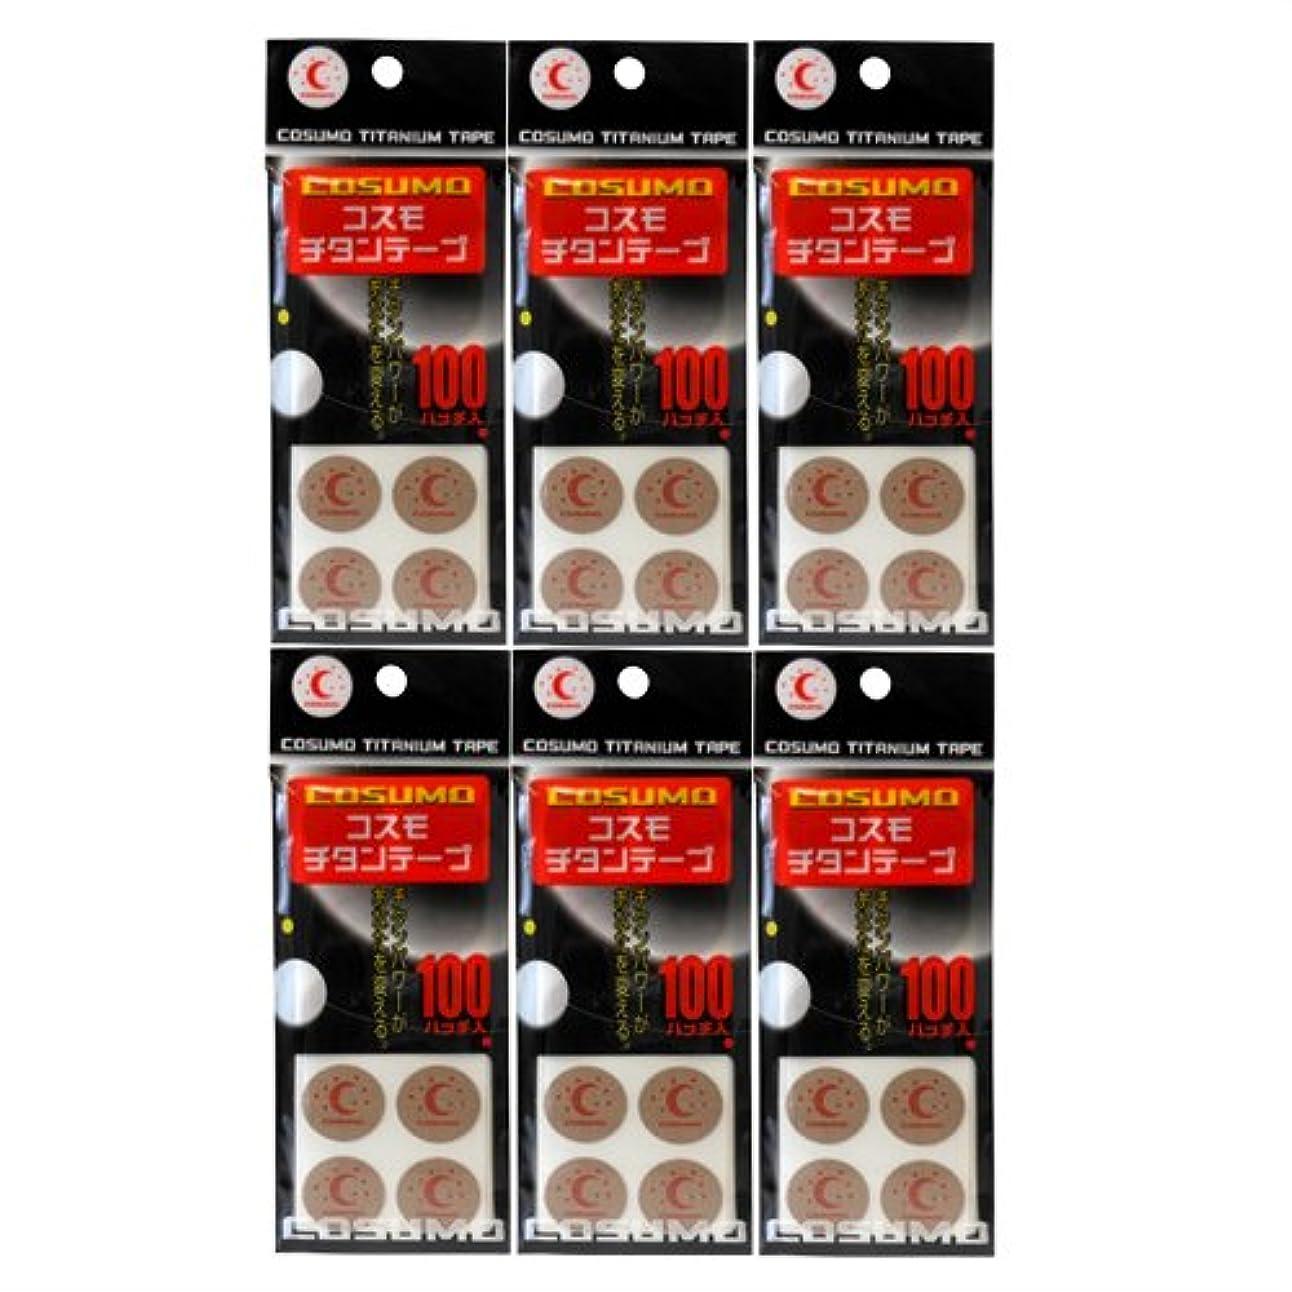 参加する冗長クマノミコスモチタンテープ (COSUMO TITANIUM TAPE) 100パッチ入り x6枚(合計600パッチ) セット